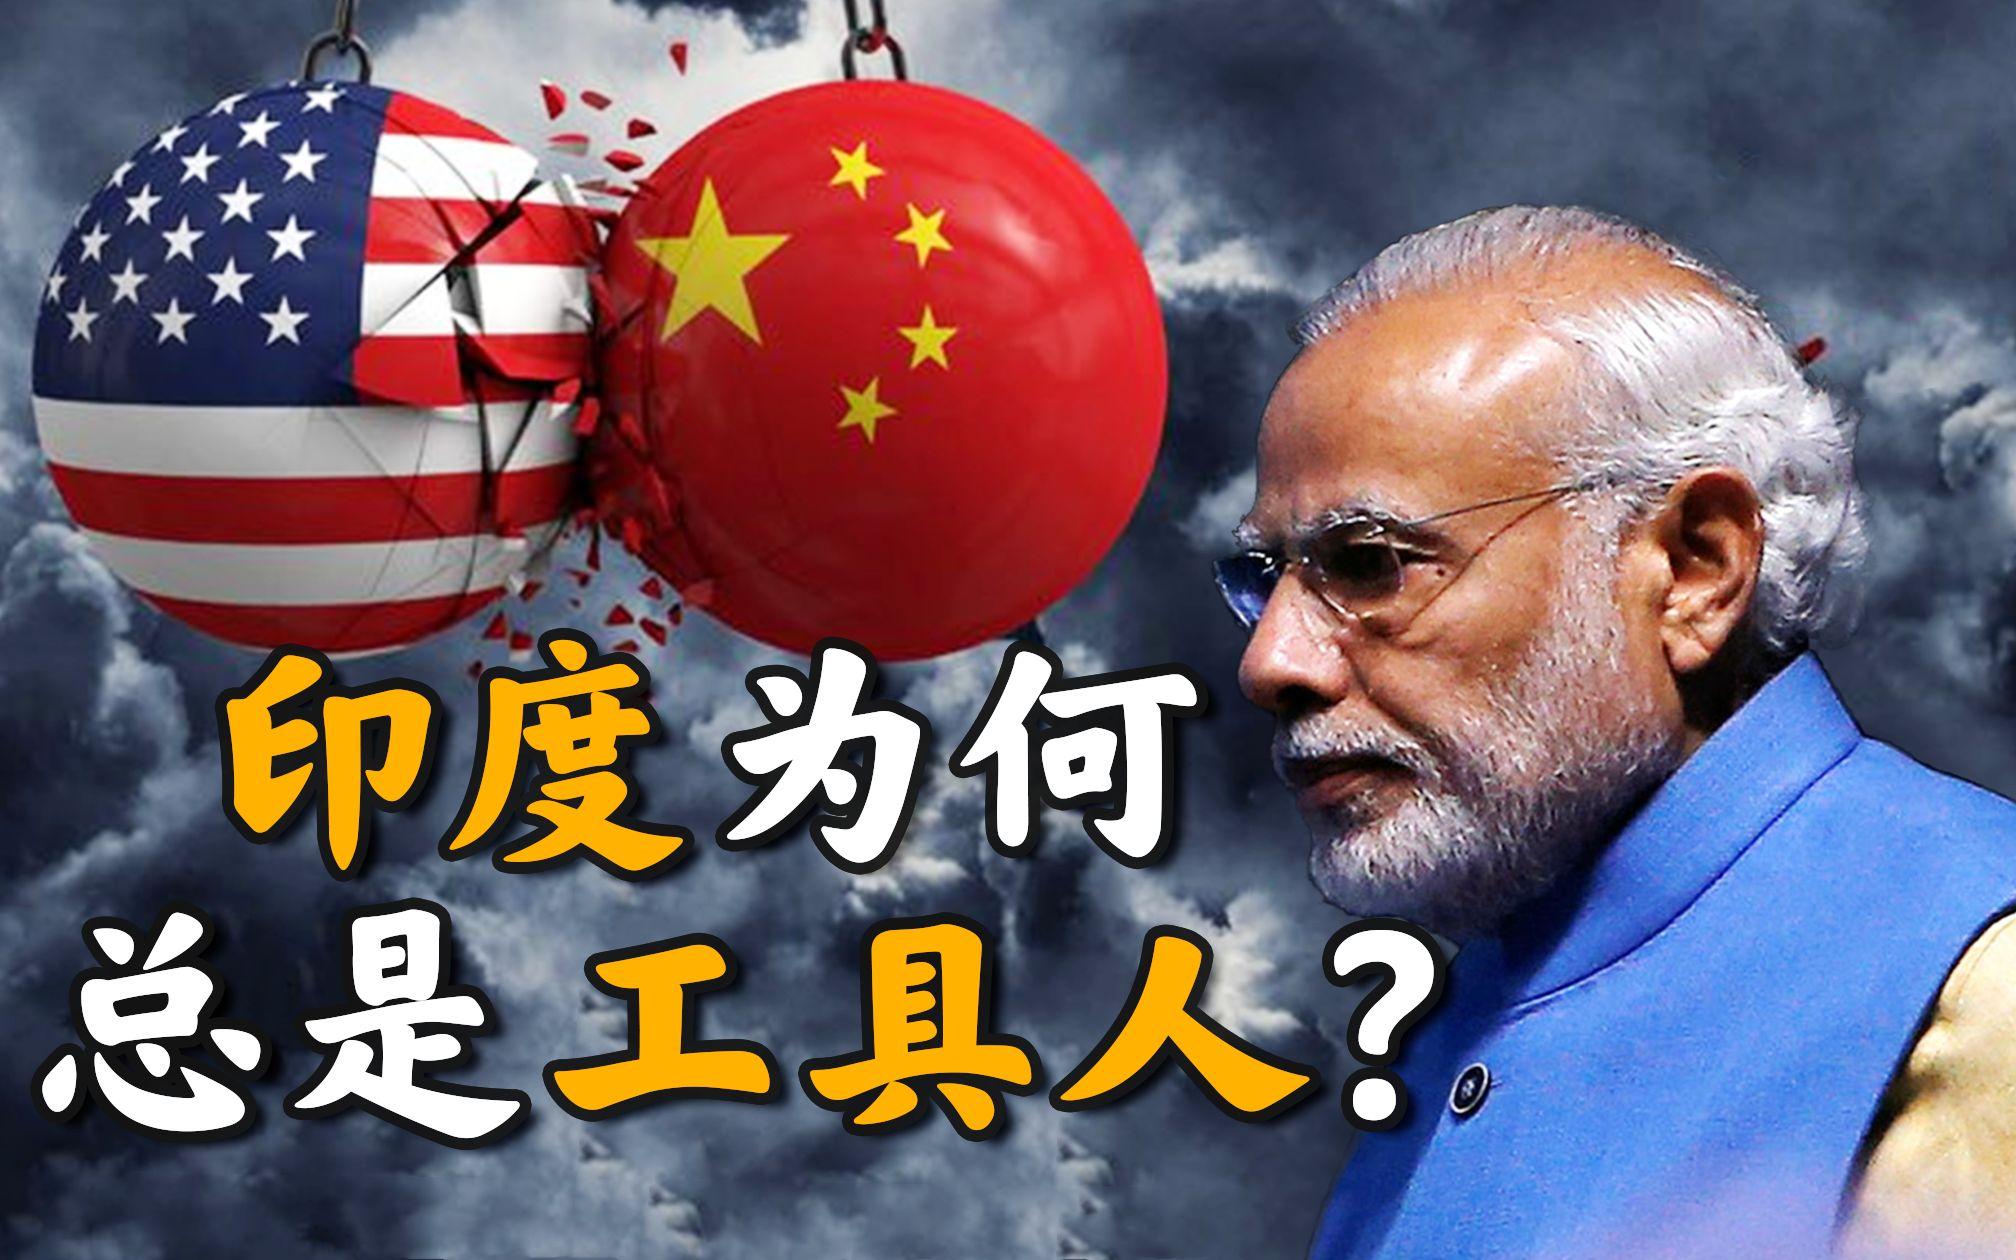 1901英国用印度制造取代中国, 120年后美国故技重施? 【国际瞭望03】